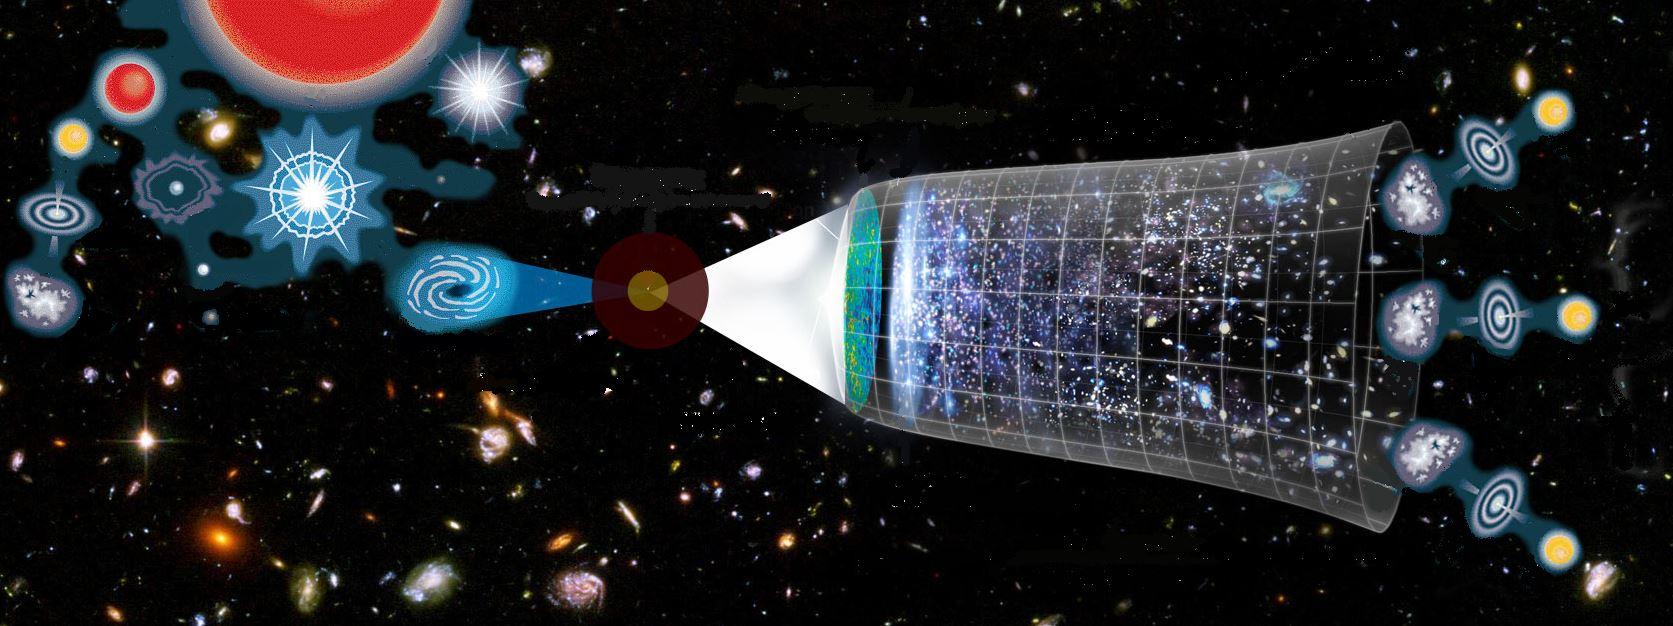 ¿Existen Vidas Paralelas? en Universos Paralelos. Si existen los universos  paralelos ...